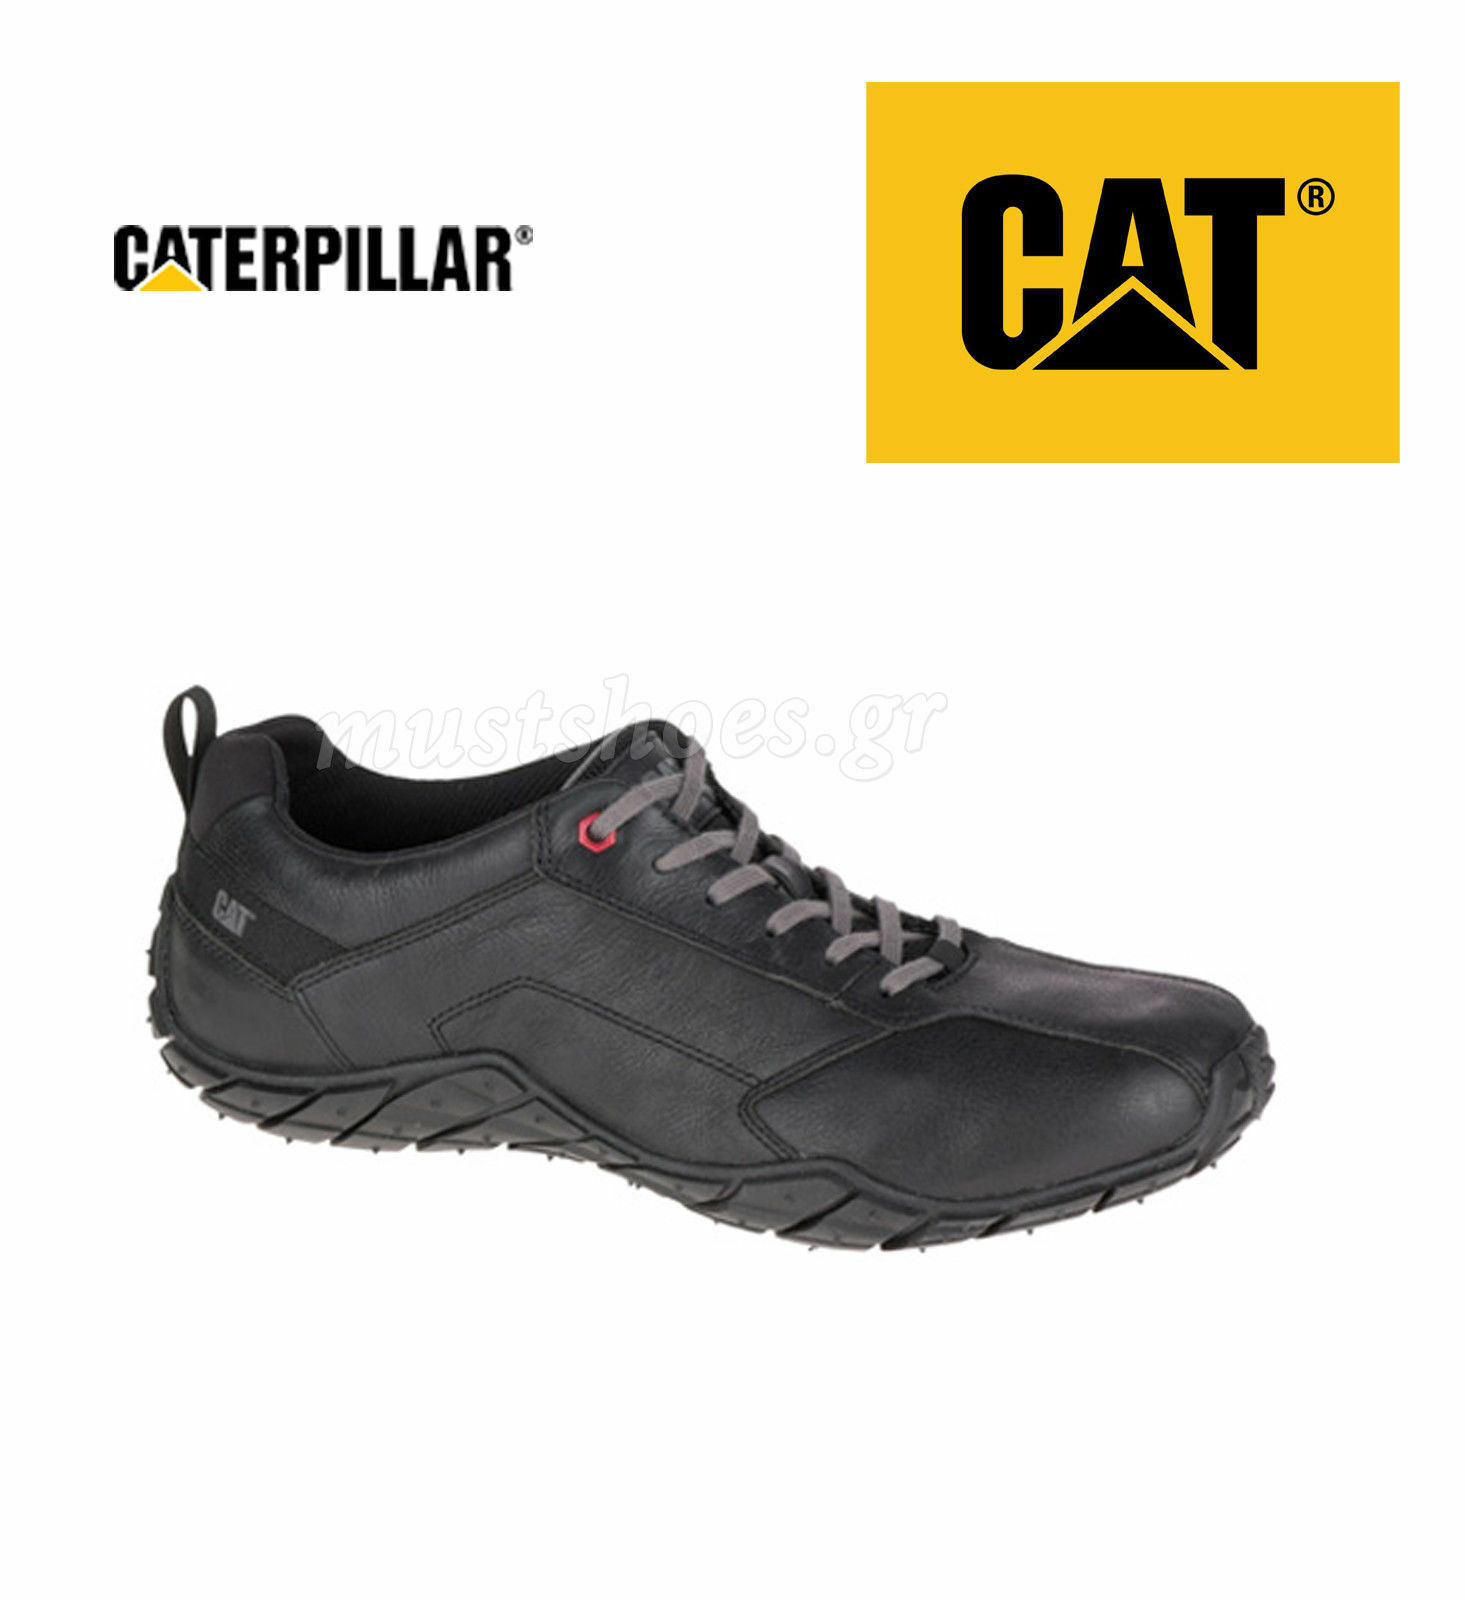 CATERPILLAR CAT 721363 RACHET schwarz EU 40, 41, 42, 43